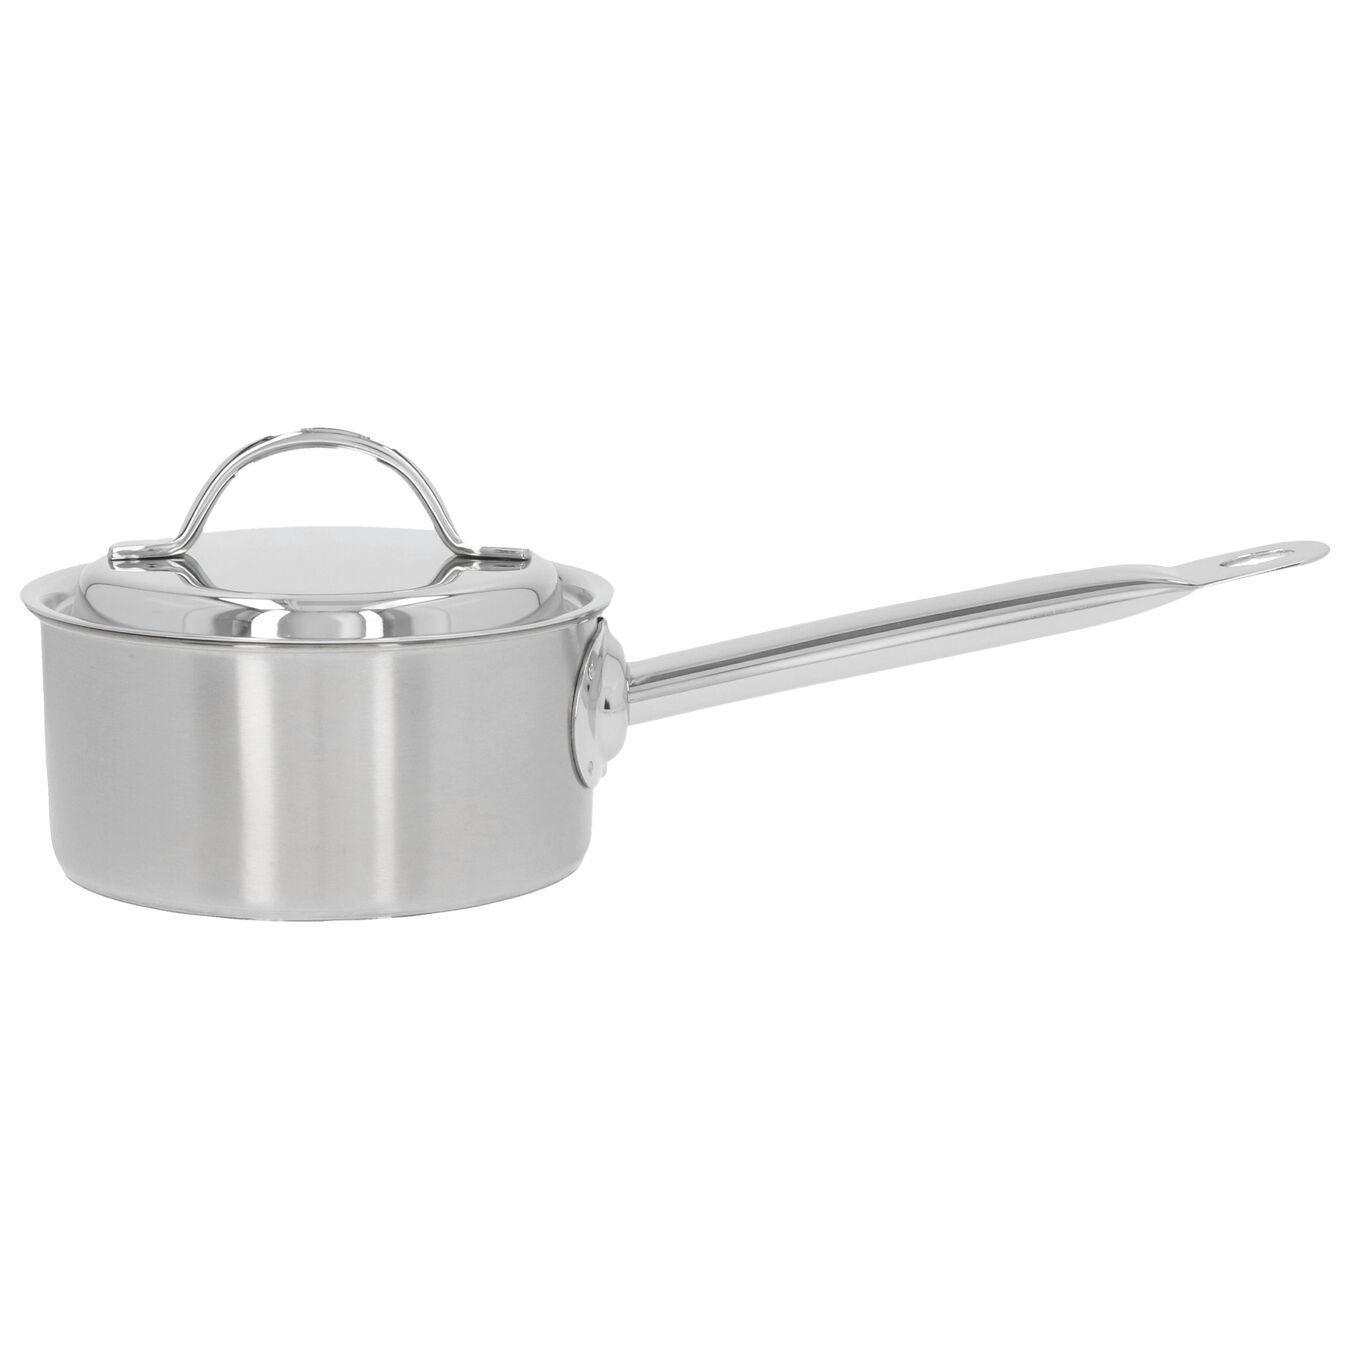 Steelpan met deksel 14 cm / 1 l,,large 1